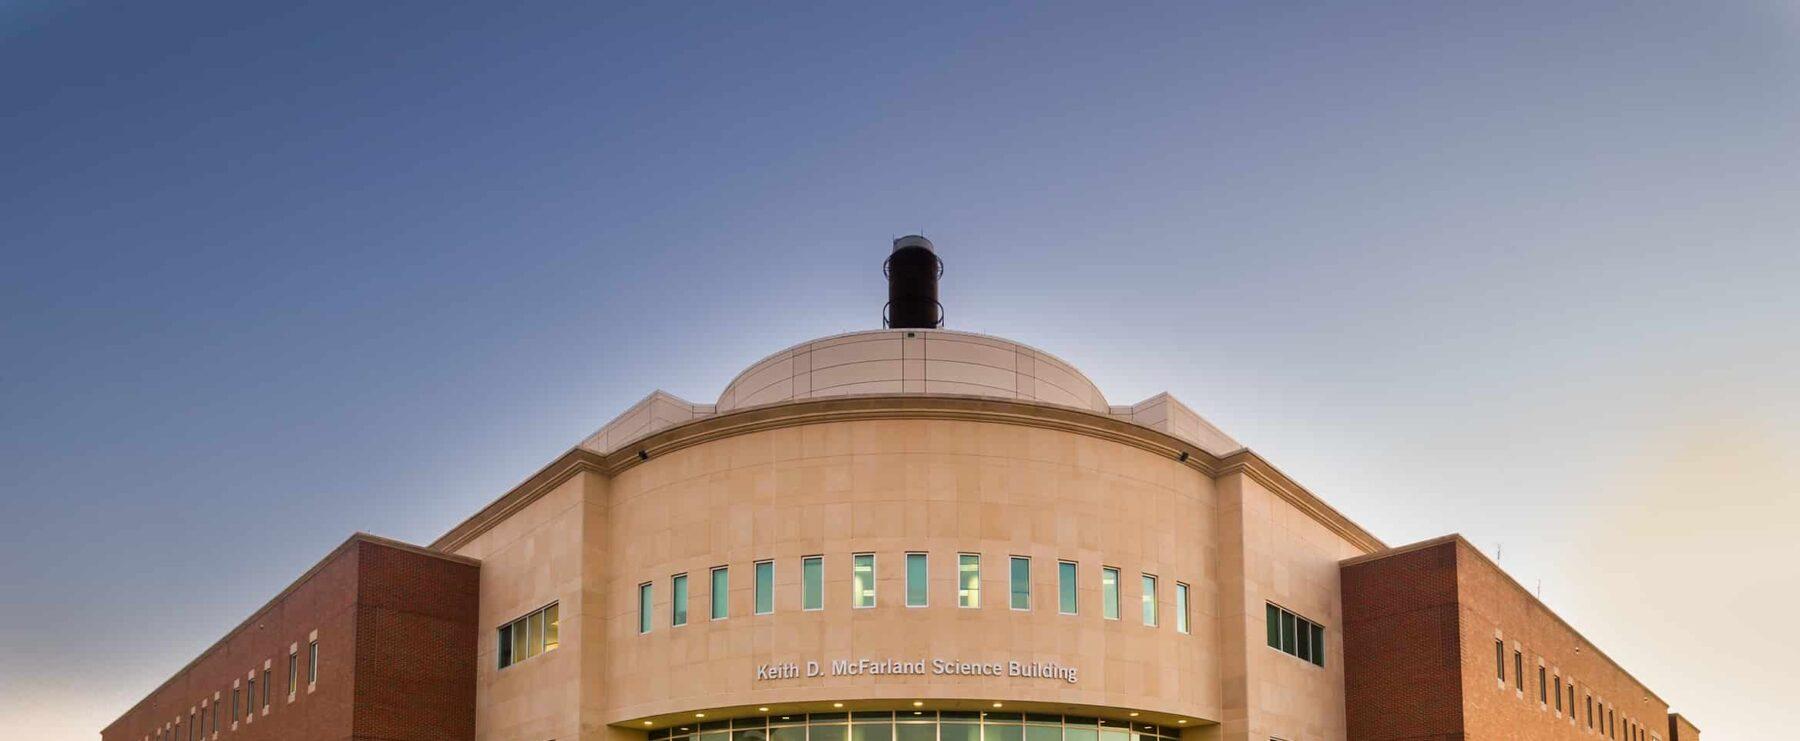 McFarland Science Building at TAMUC